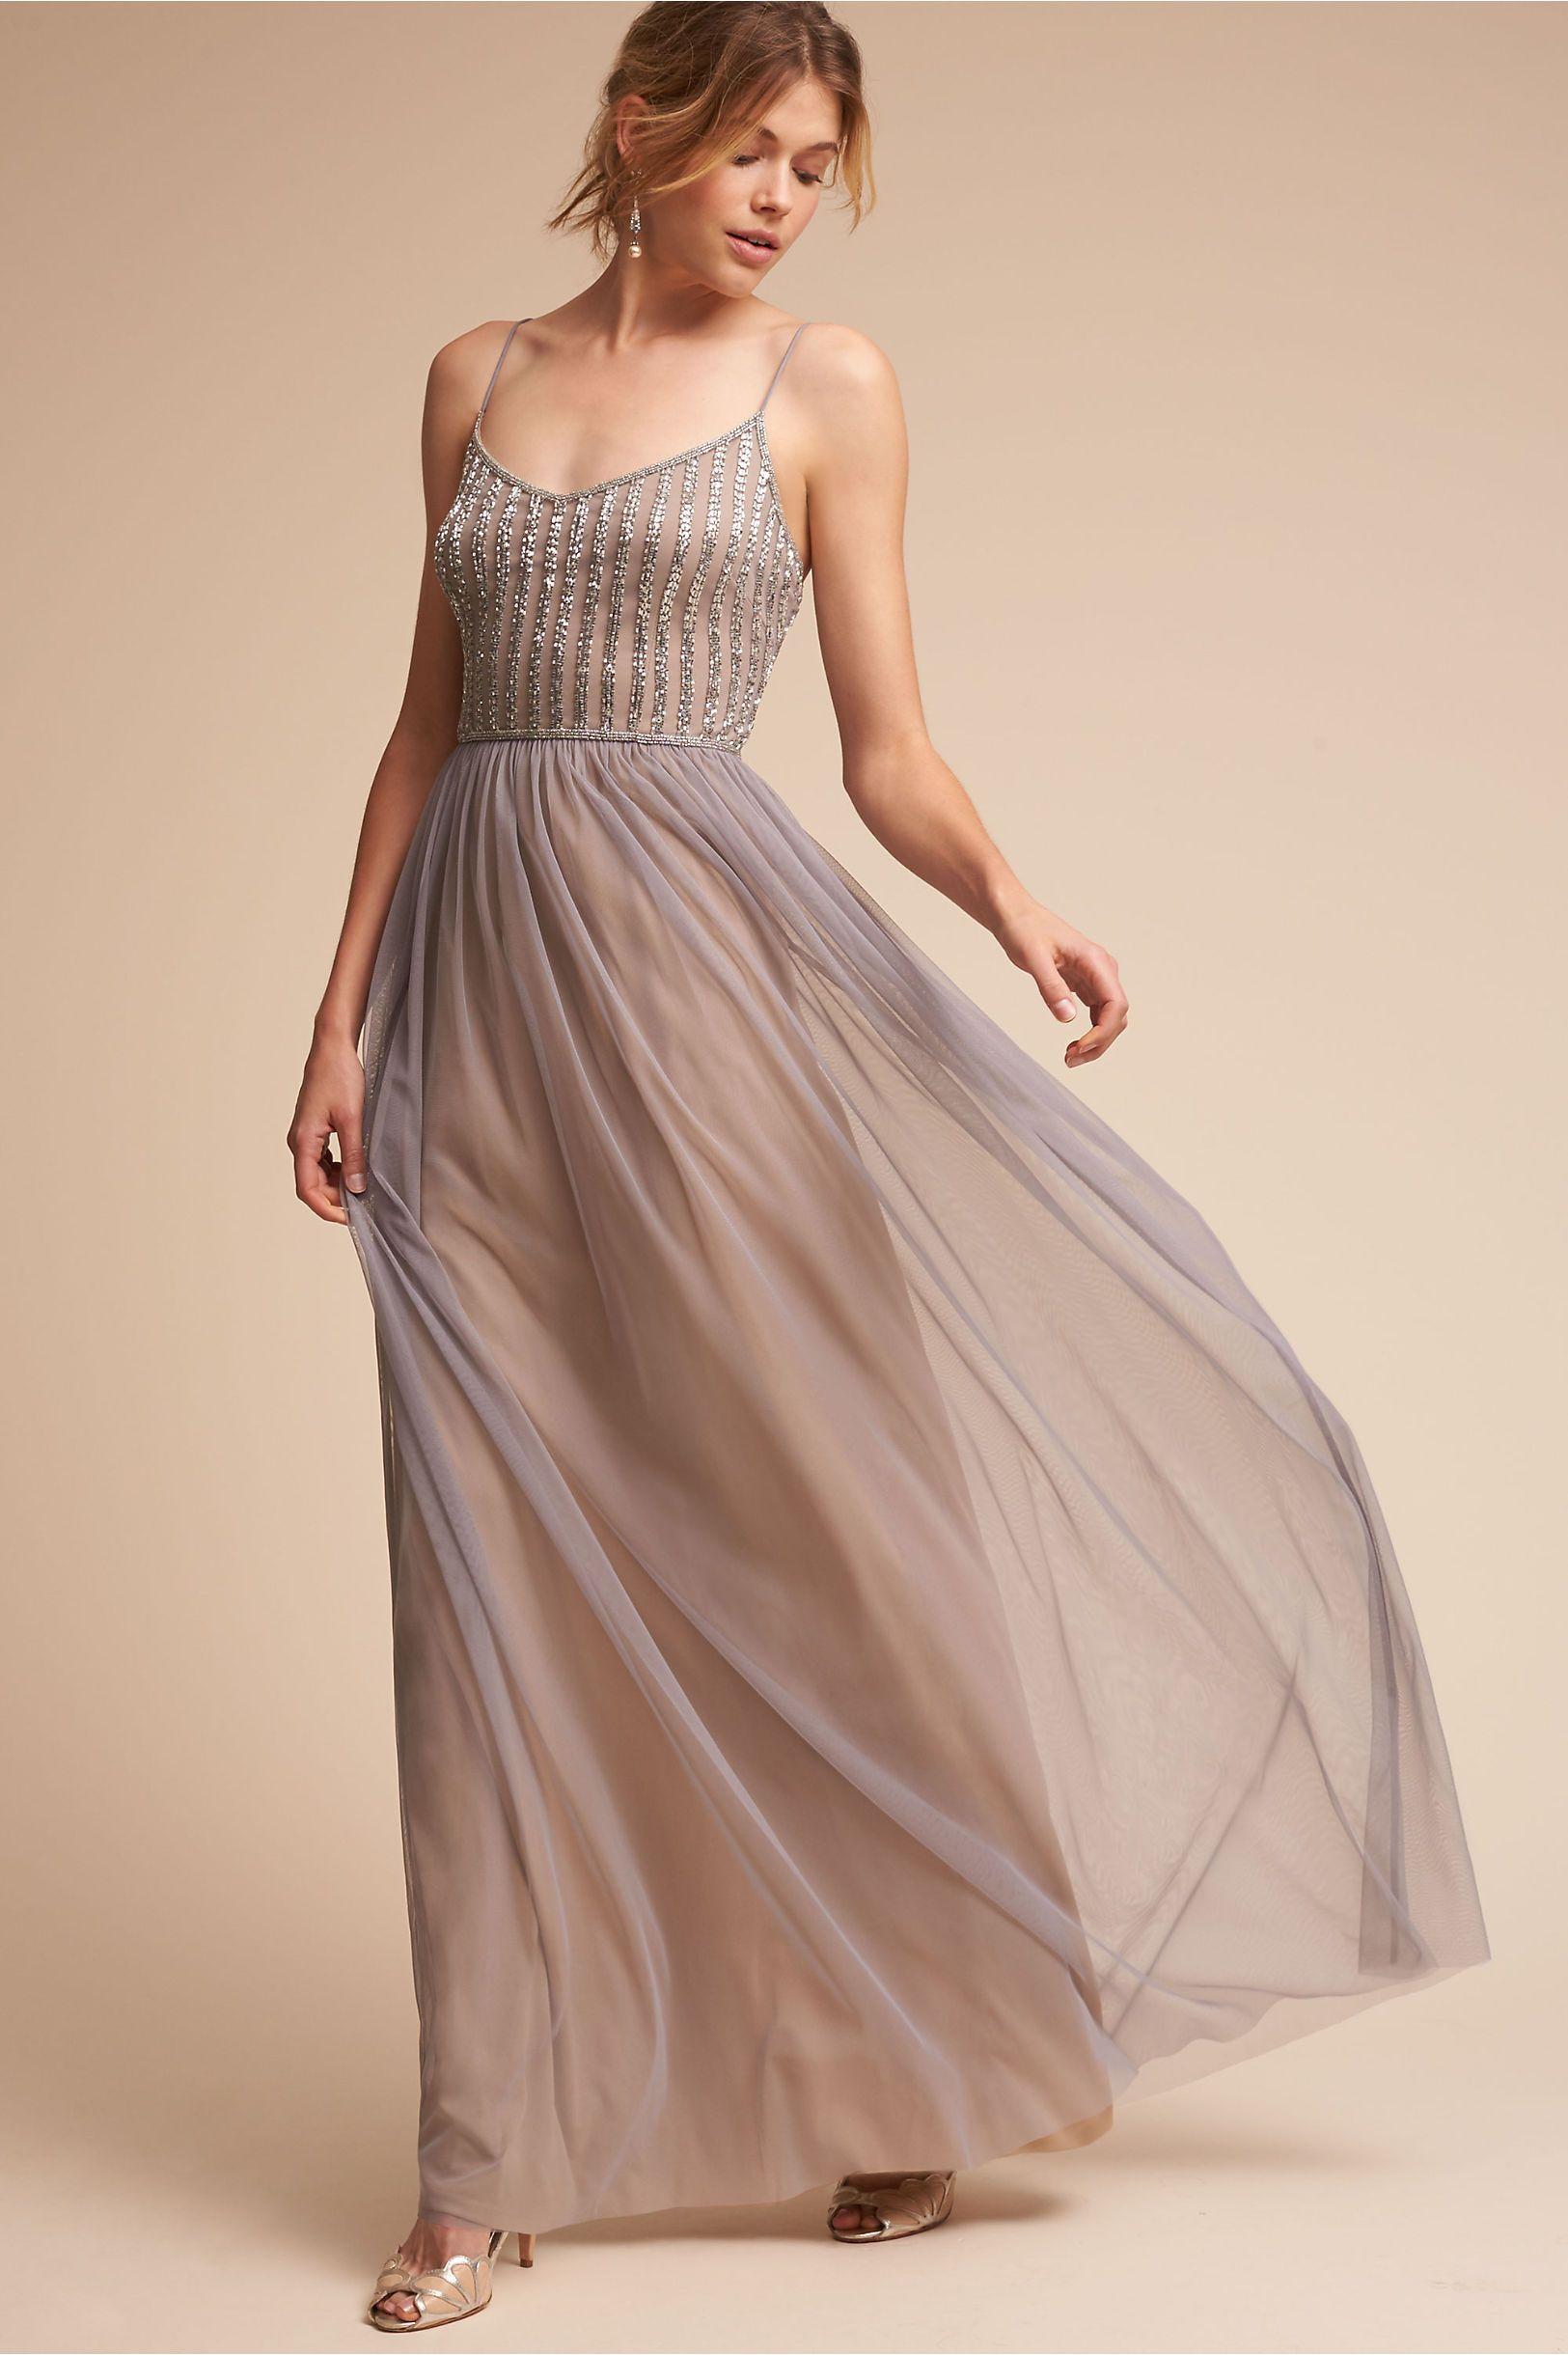 Silver Grey Wedding Guest Dresses